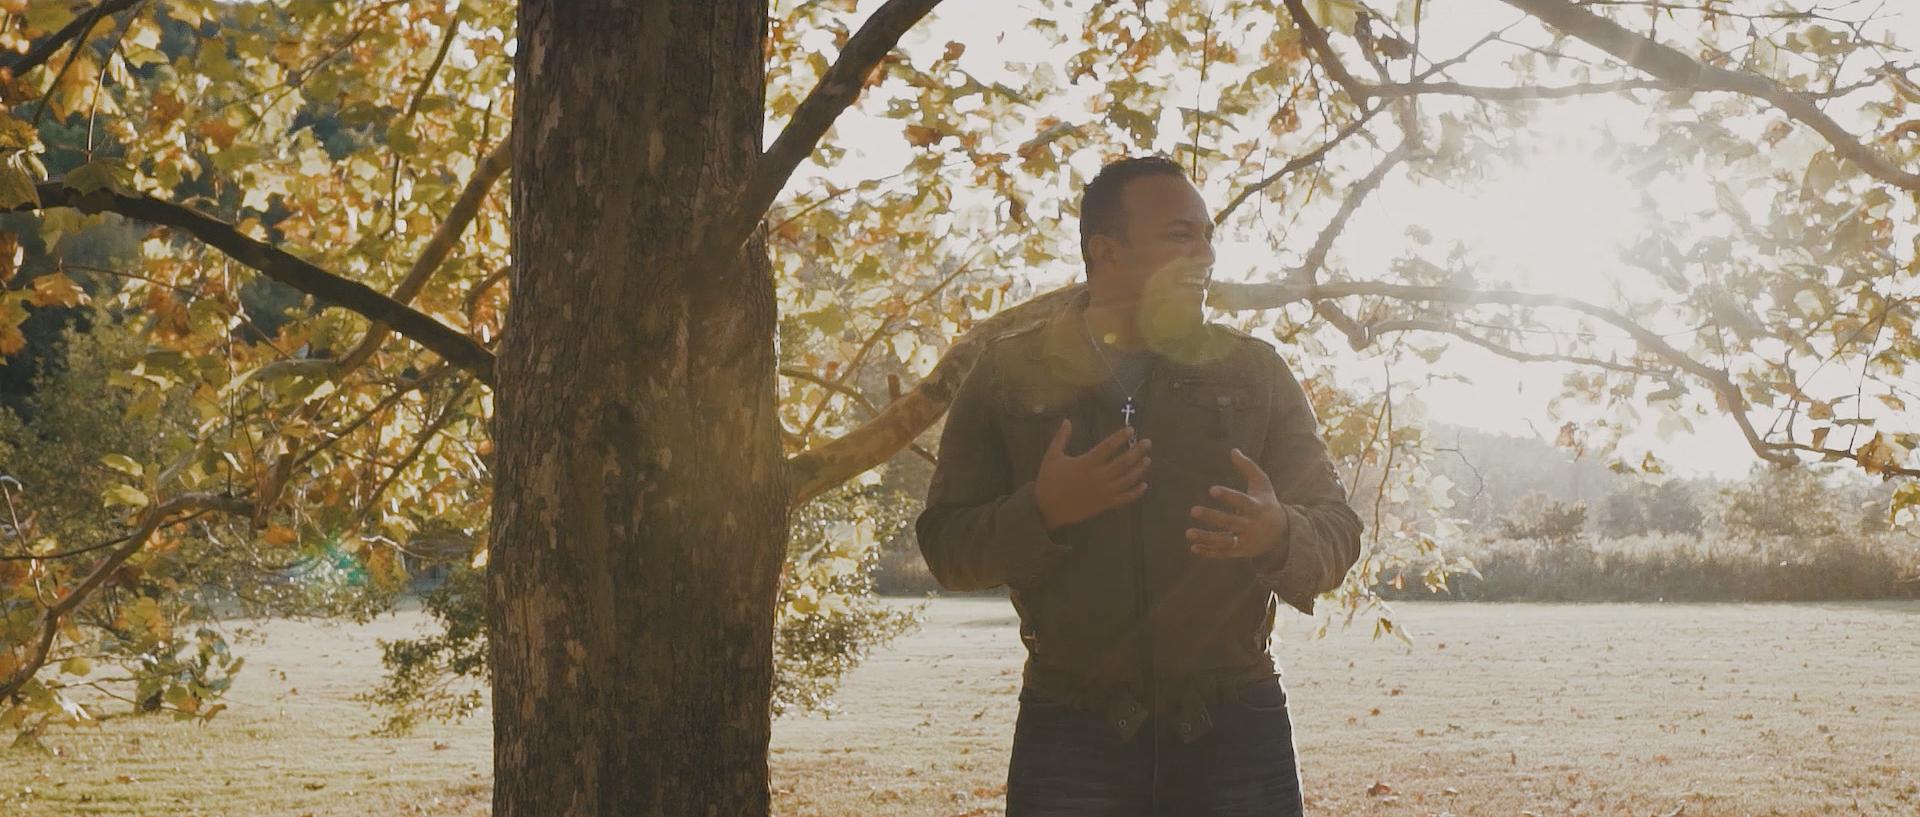 Stills - Cinema - Dp - Frame- Cinematographer - Miguel Bautista - Production - Filmmaking - Cine 027.jpg